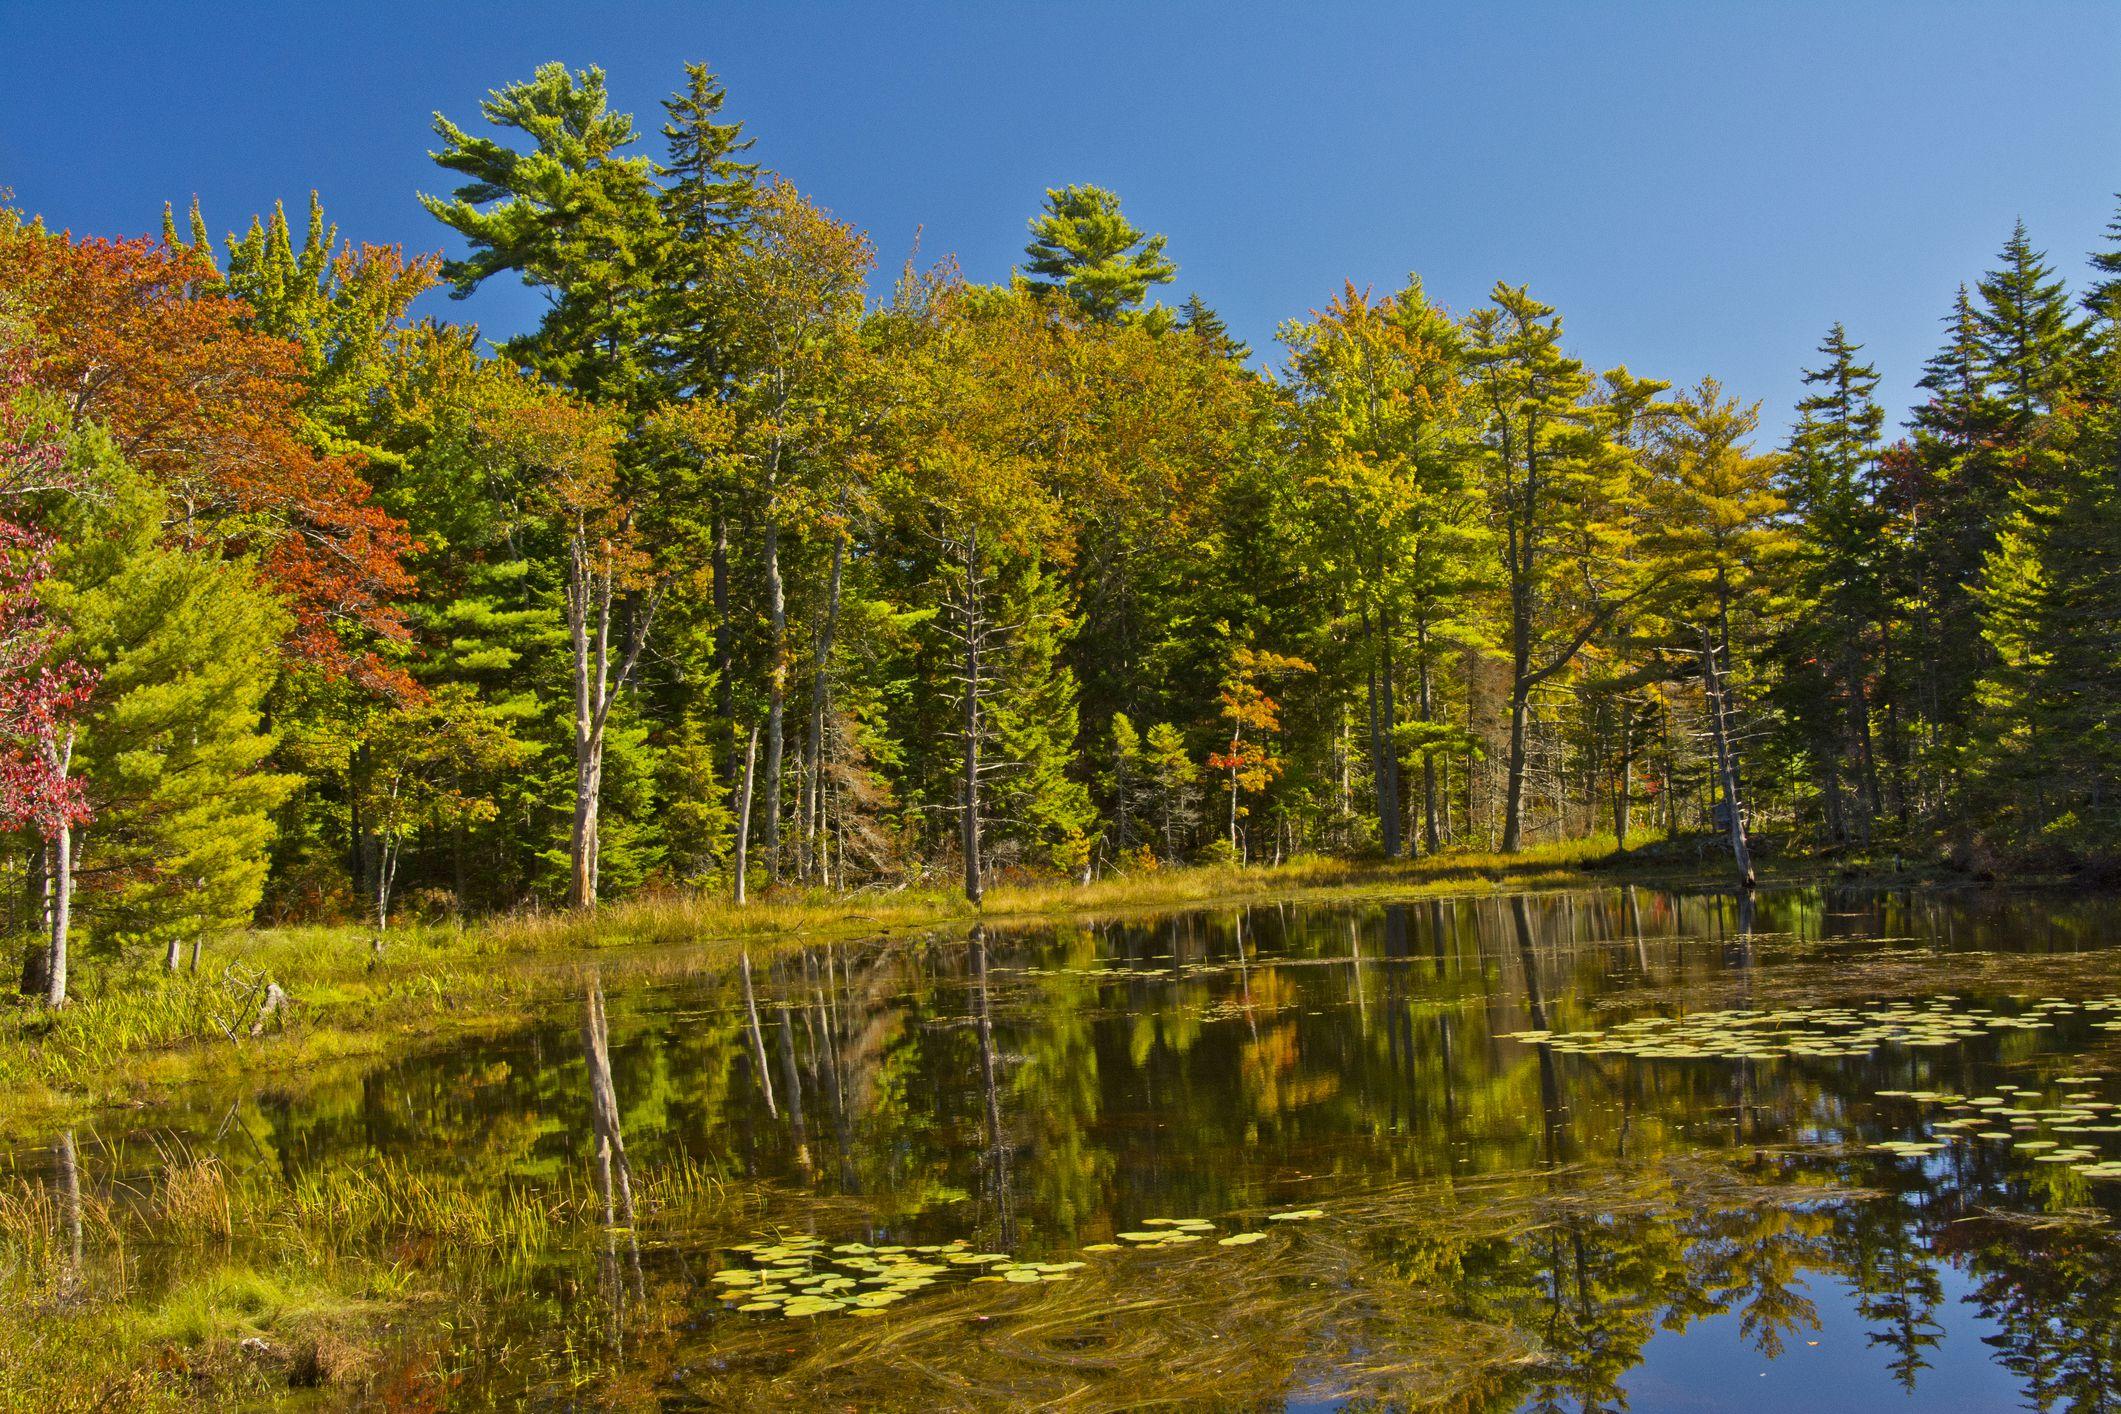 Autumn forest by Joe Bill Pond, Georgetown, Maine